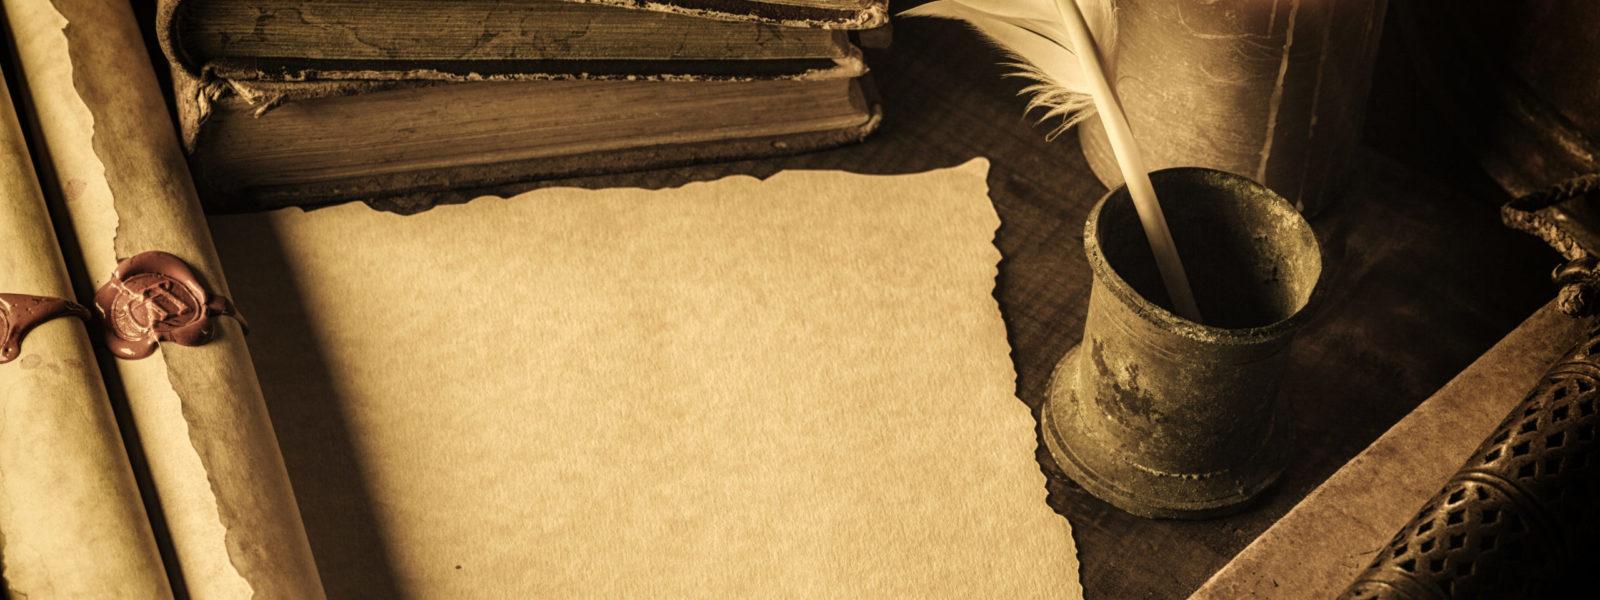 Blank parchment